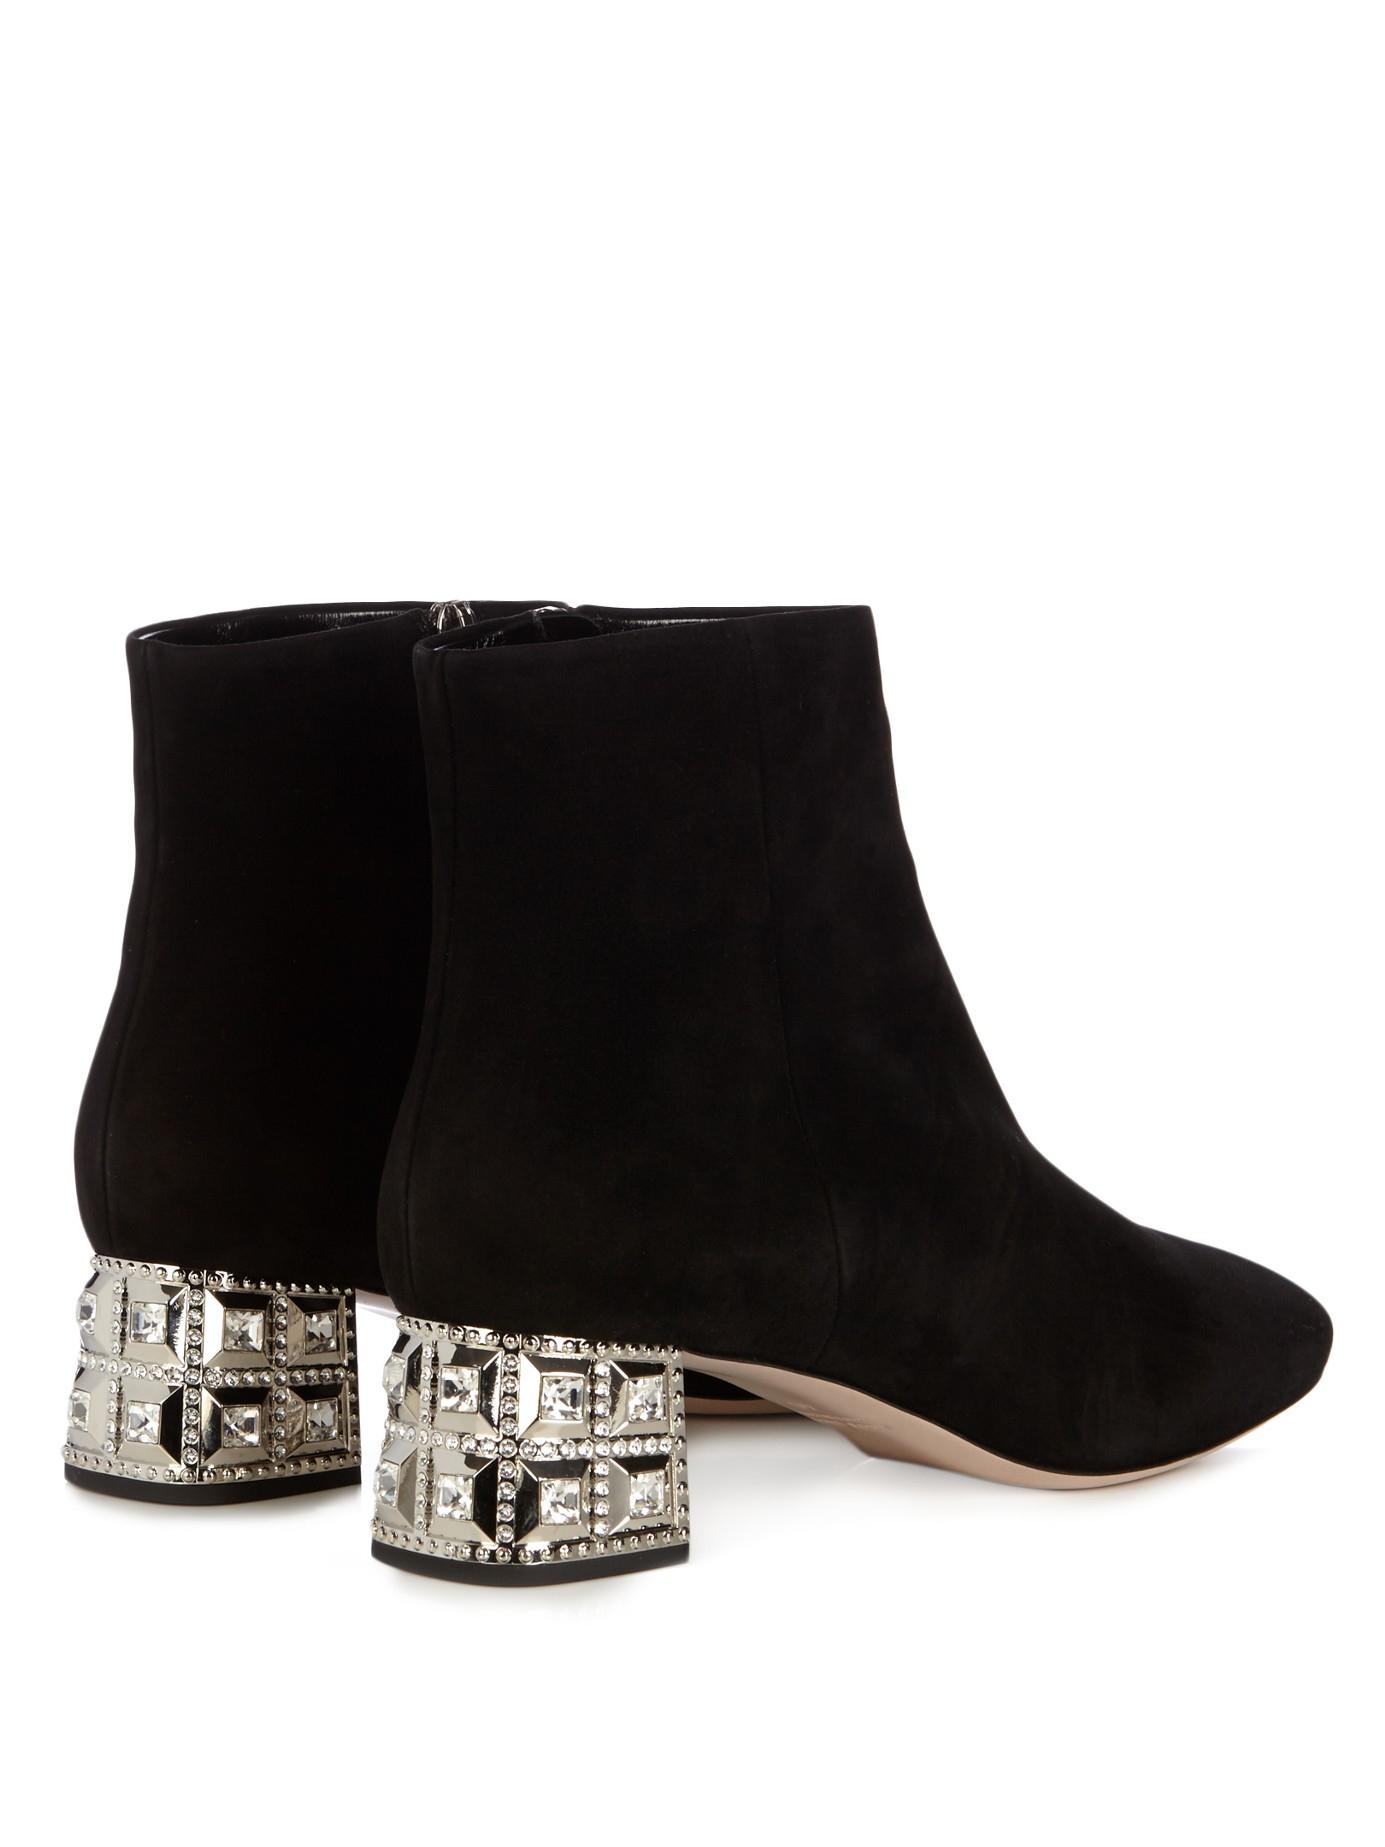 Miu Miu Crystal Embellished Heel Suede Ankle Boots In